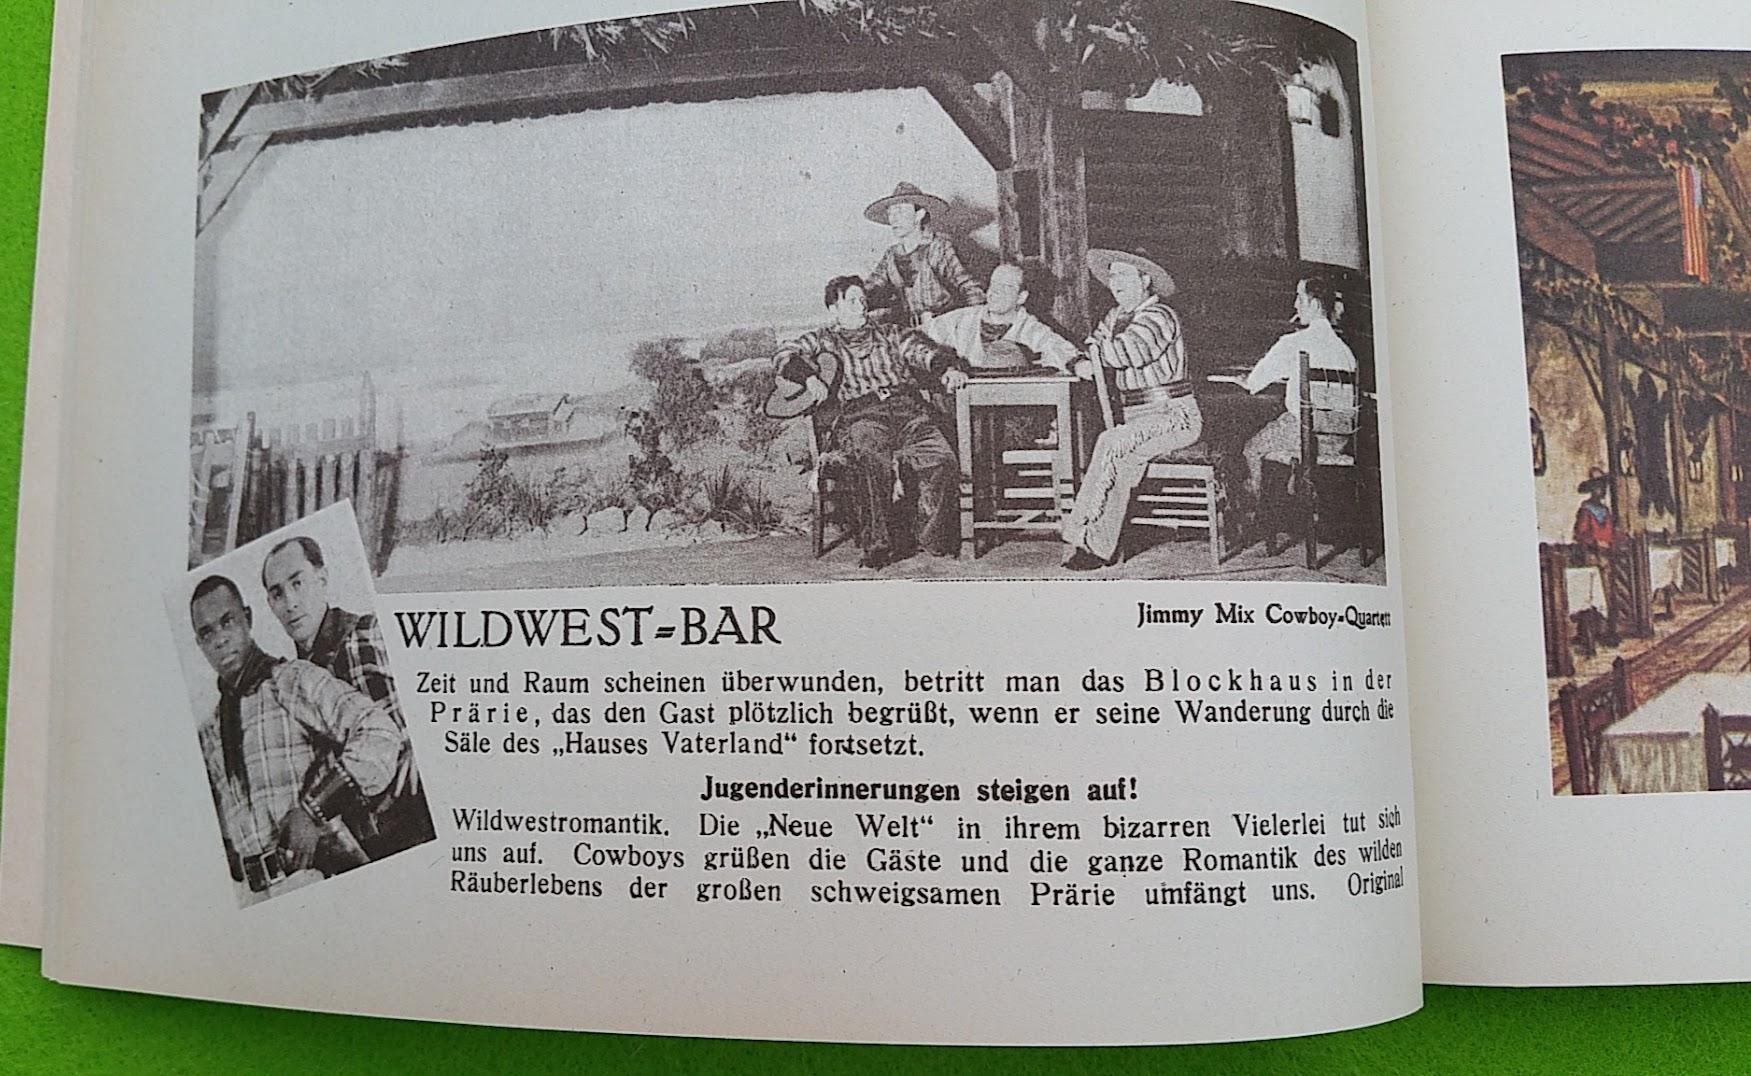 Begleitheft zur Eröffnung von Haus Vaterland am Potsdamer Platz, Berlin, 31. August 1928 - Widwest-Bar